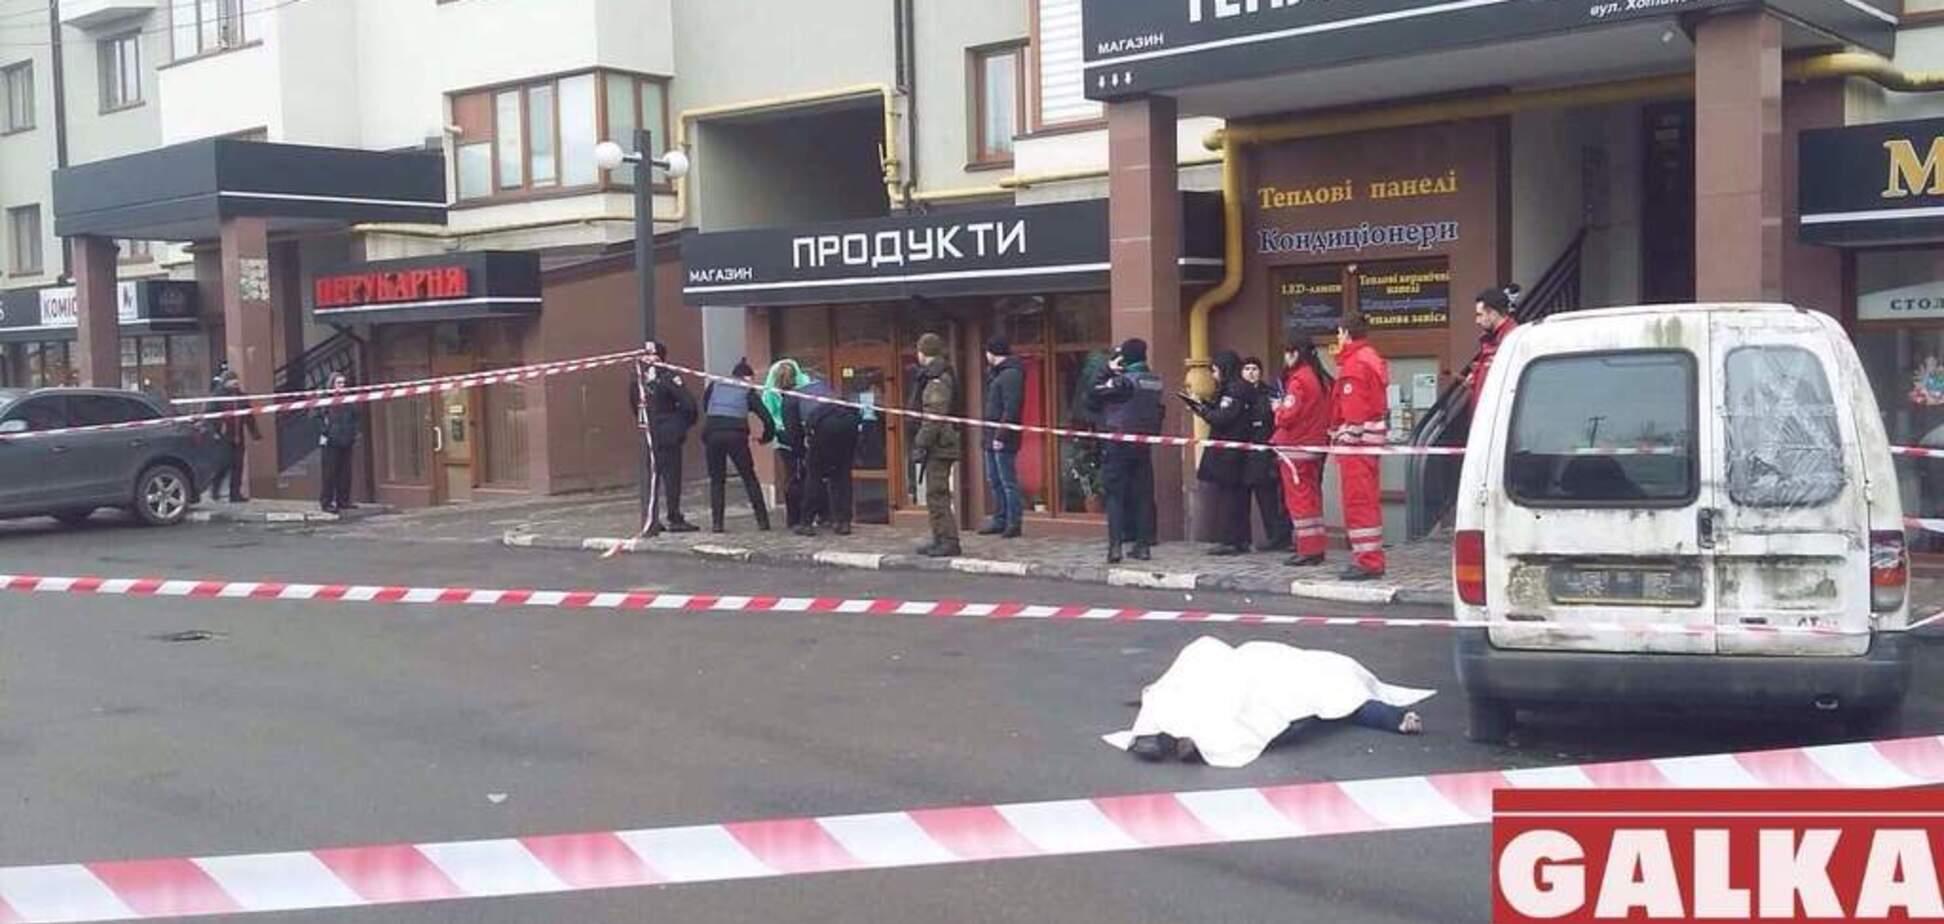 Розстріл кримінального авторитета в Івано-Франківську: спливли нові подробиці